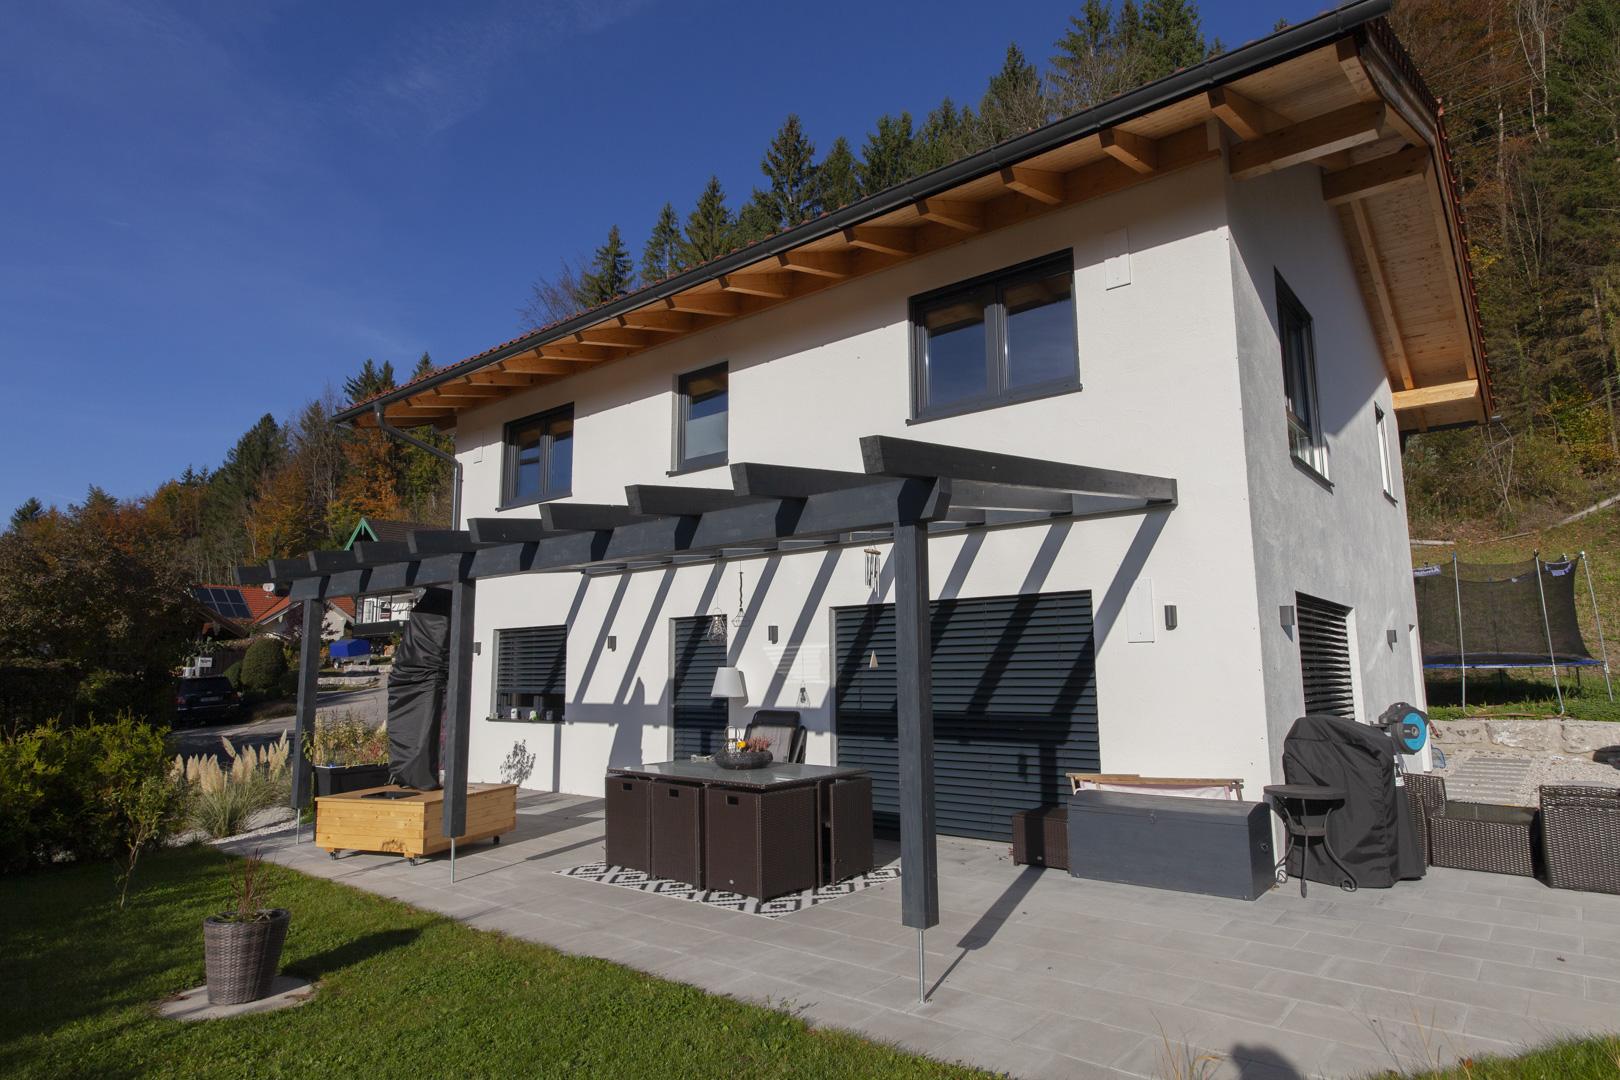 Kendler Holzhaus Ruhpolding